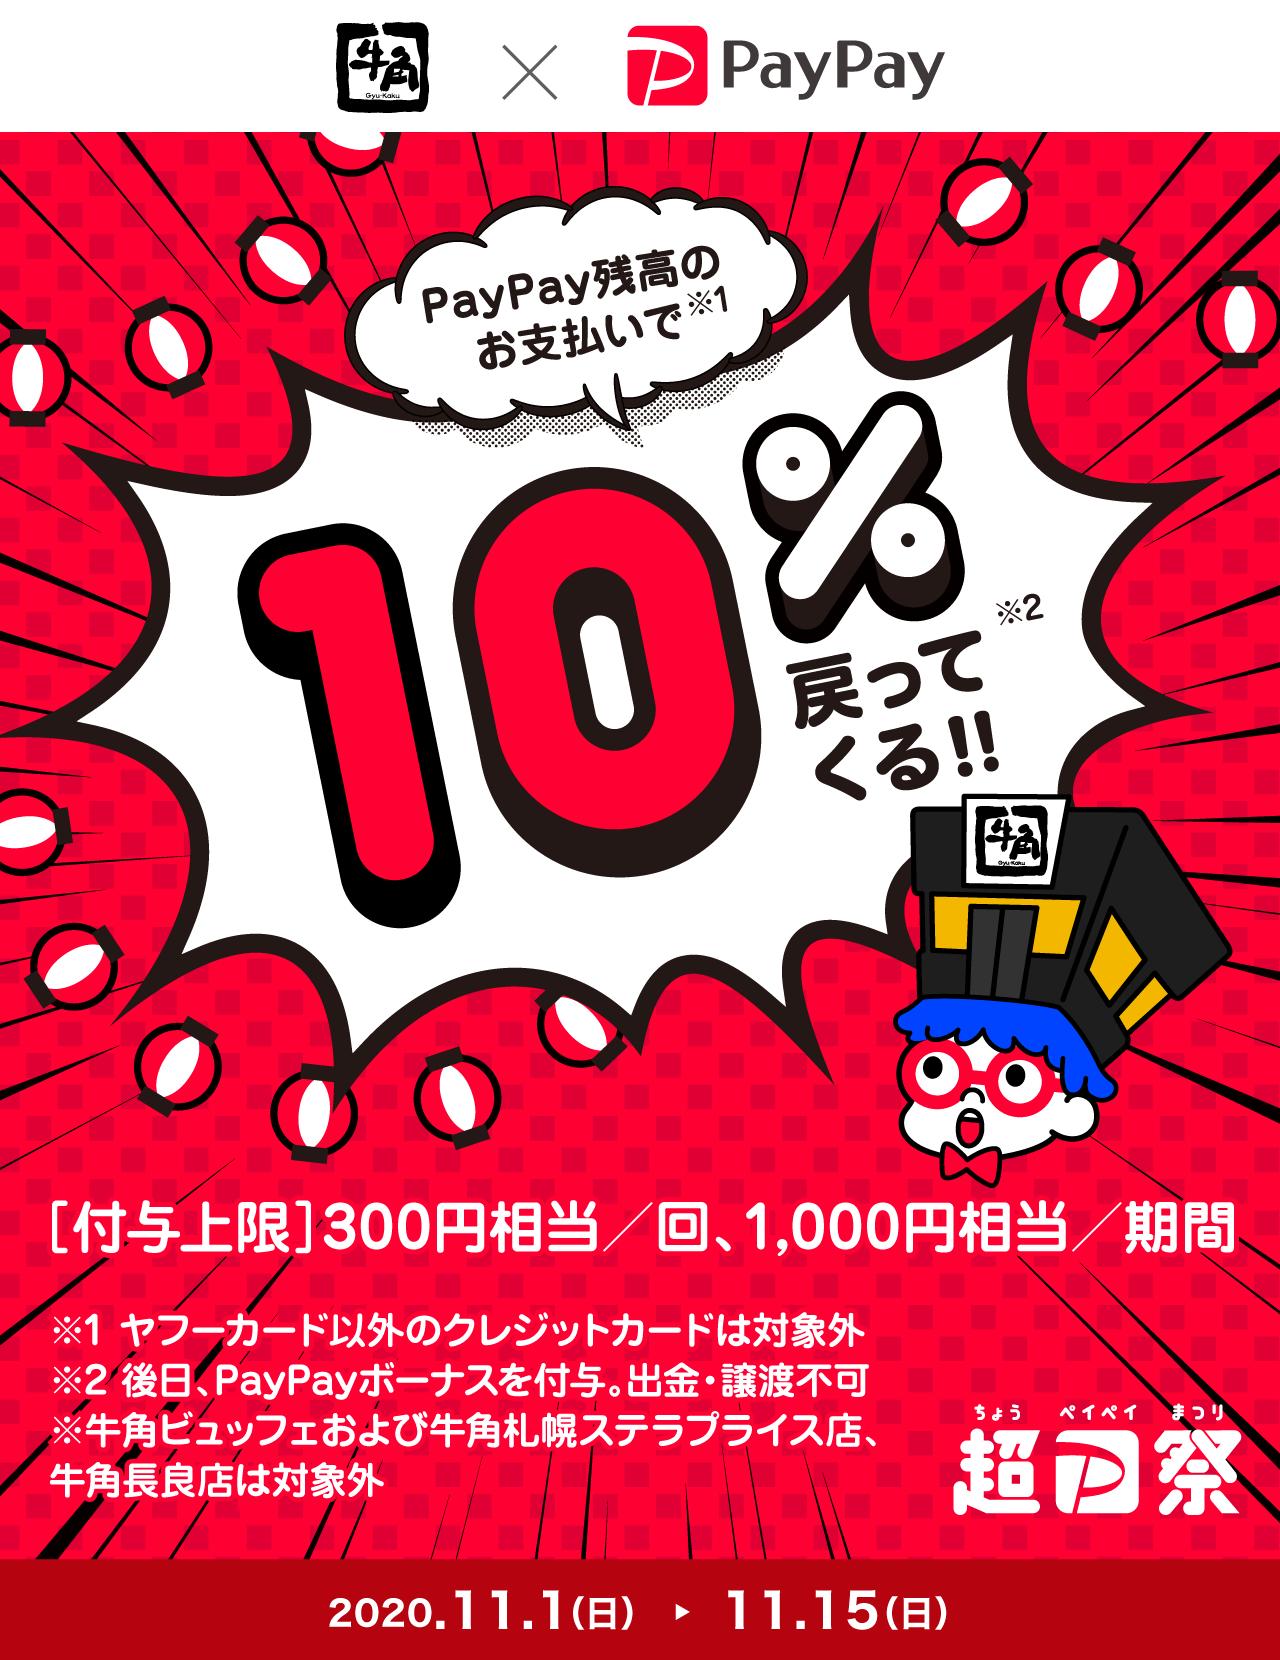 牛角PayPayキャンペーン